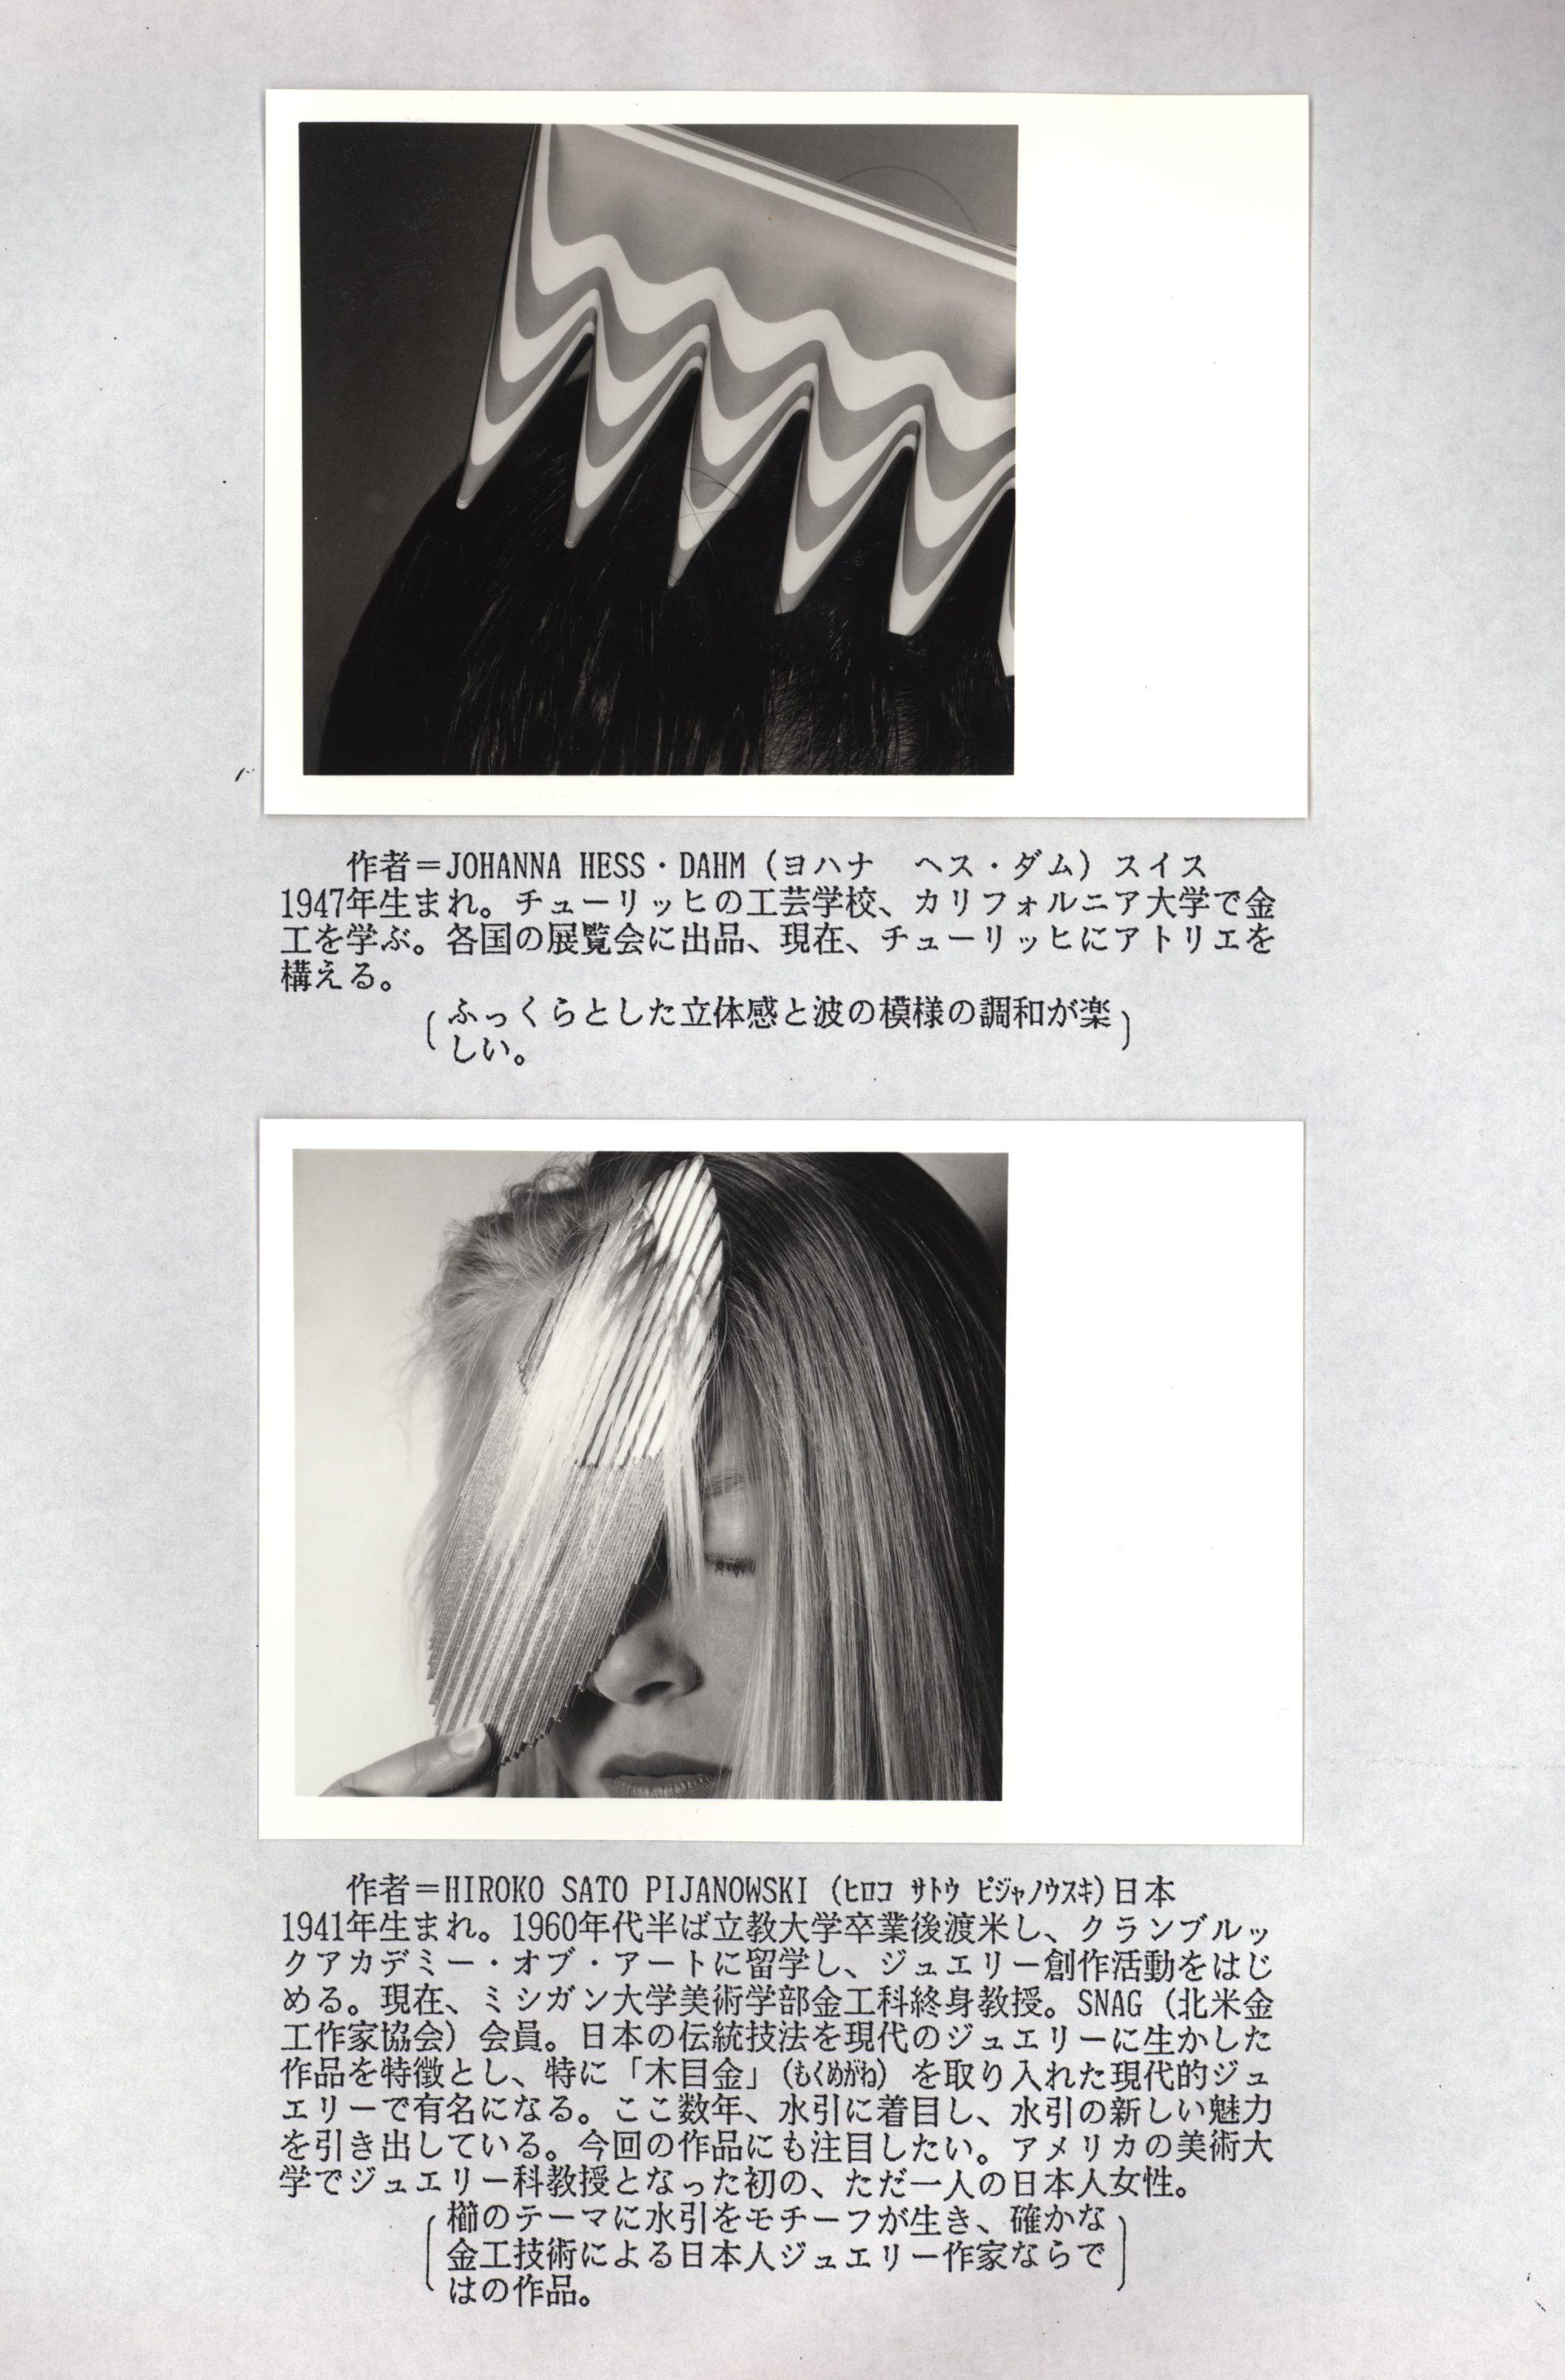 Kammen in Japan, Johanna Dahm en Hiroko Sato Pijanowski. Foto Galerie Marzee©, drukwerk, papier